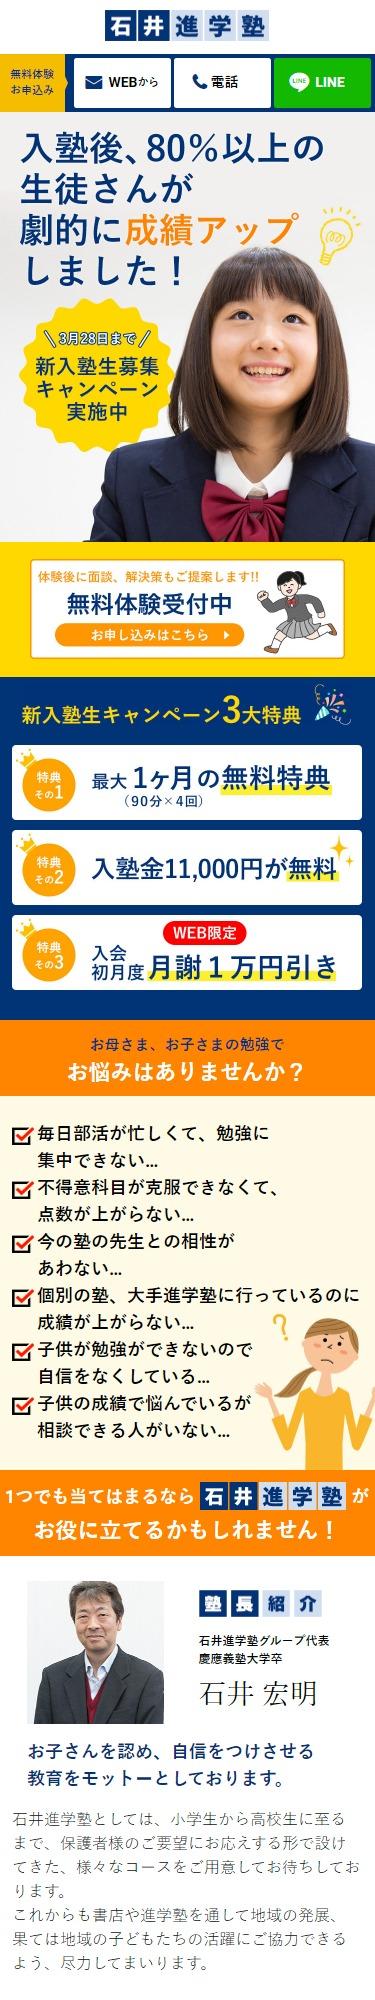 石井進学塾